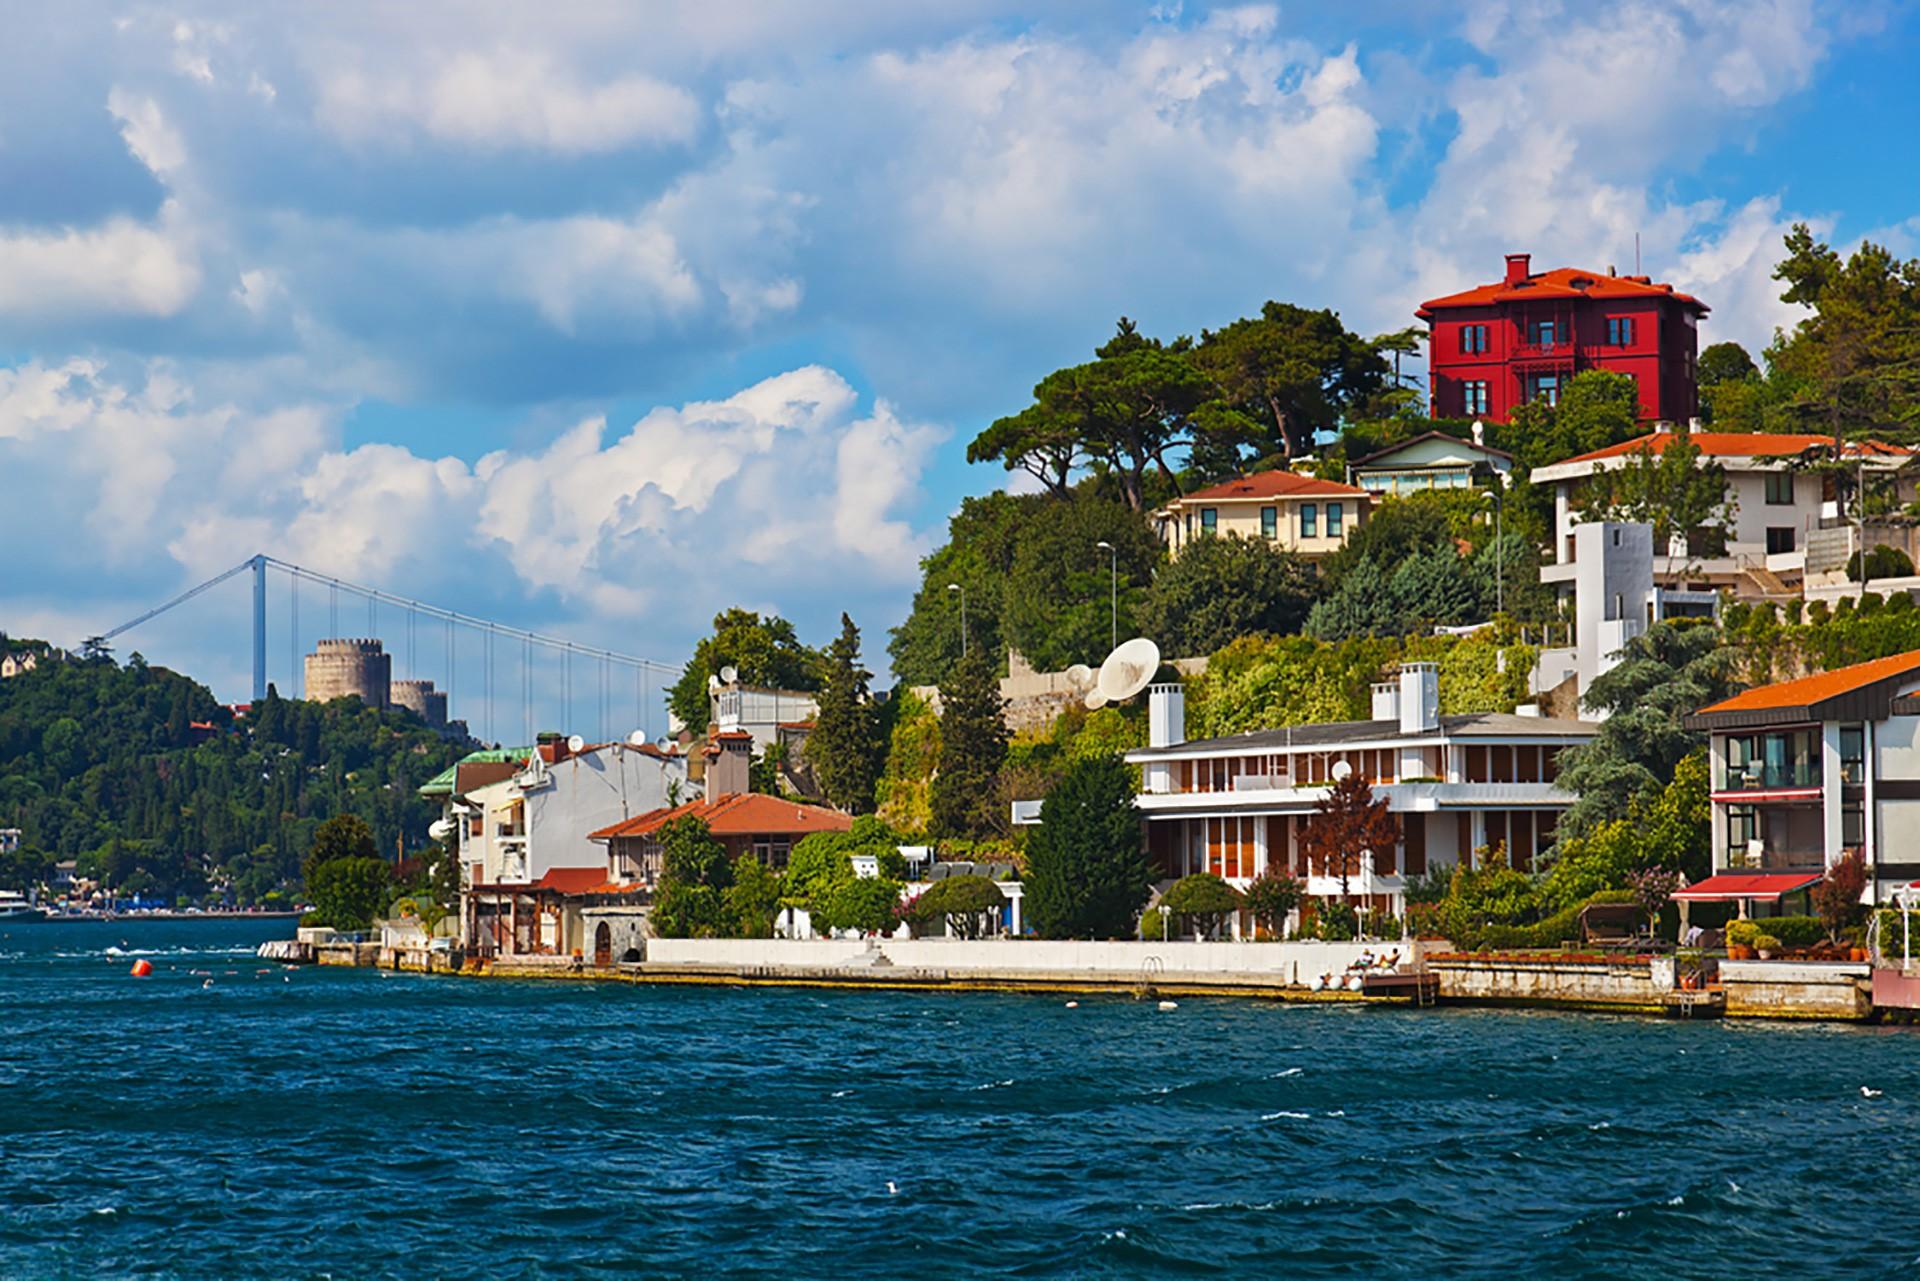 Türkiye'nin En Kurumsal Gayrimenkul Franchise Markası